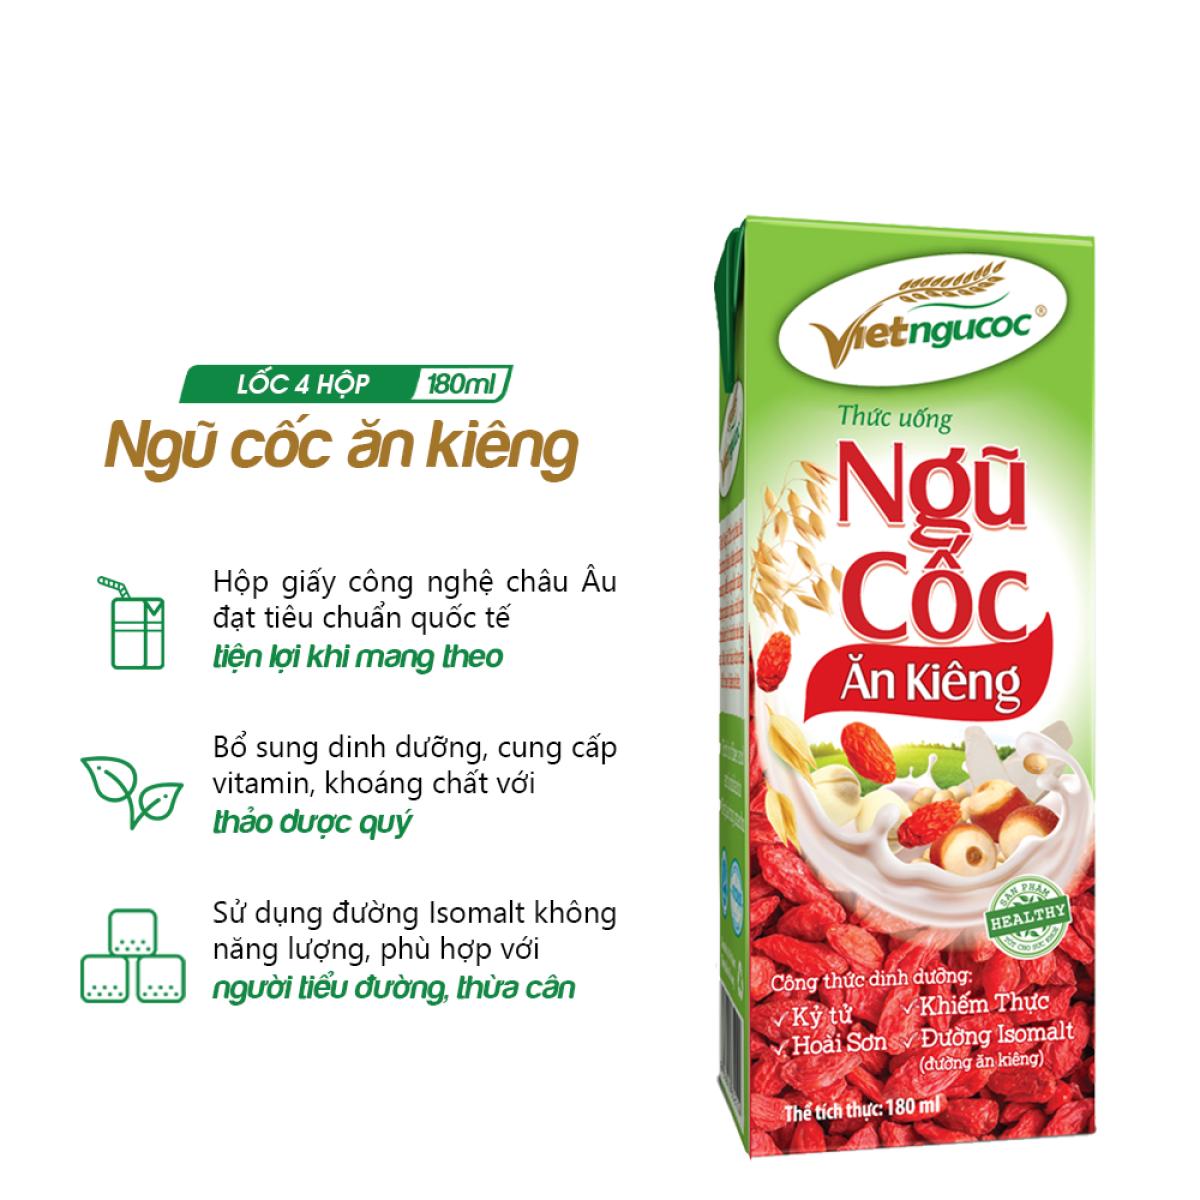 Thức uống Ăn kiêng uống liền Việt Ngũ Cốc lốc 4 hộp 180ml